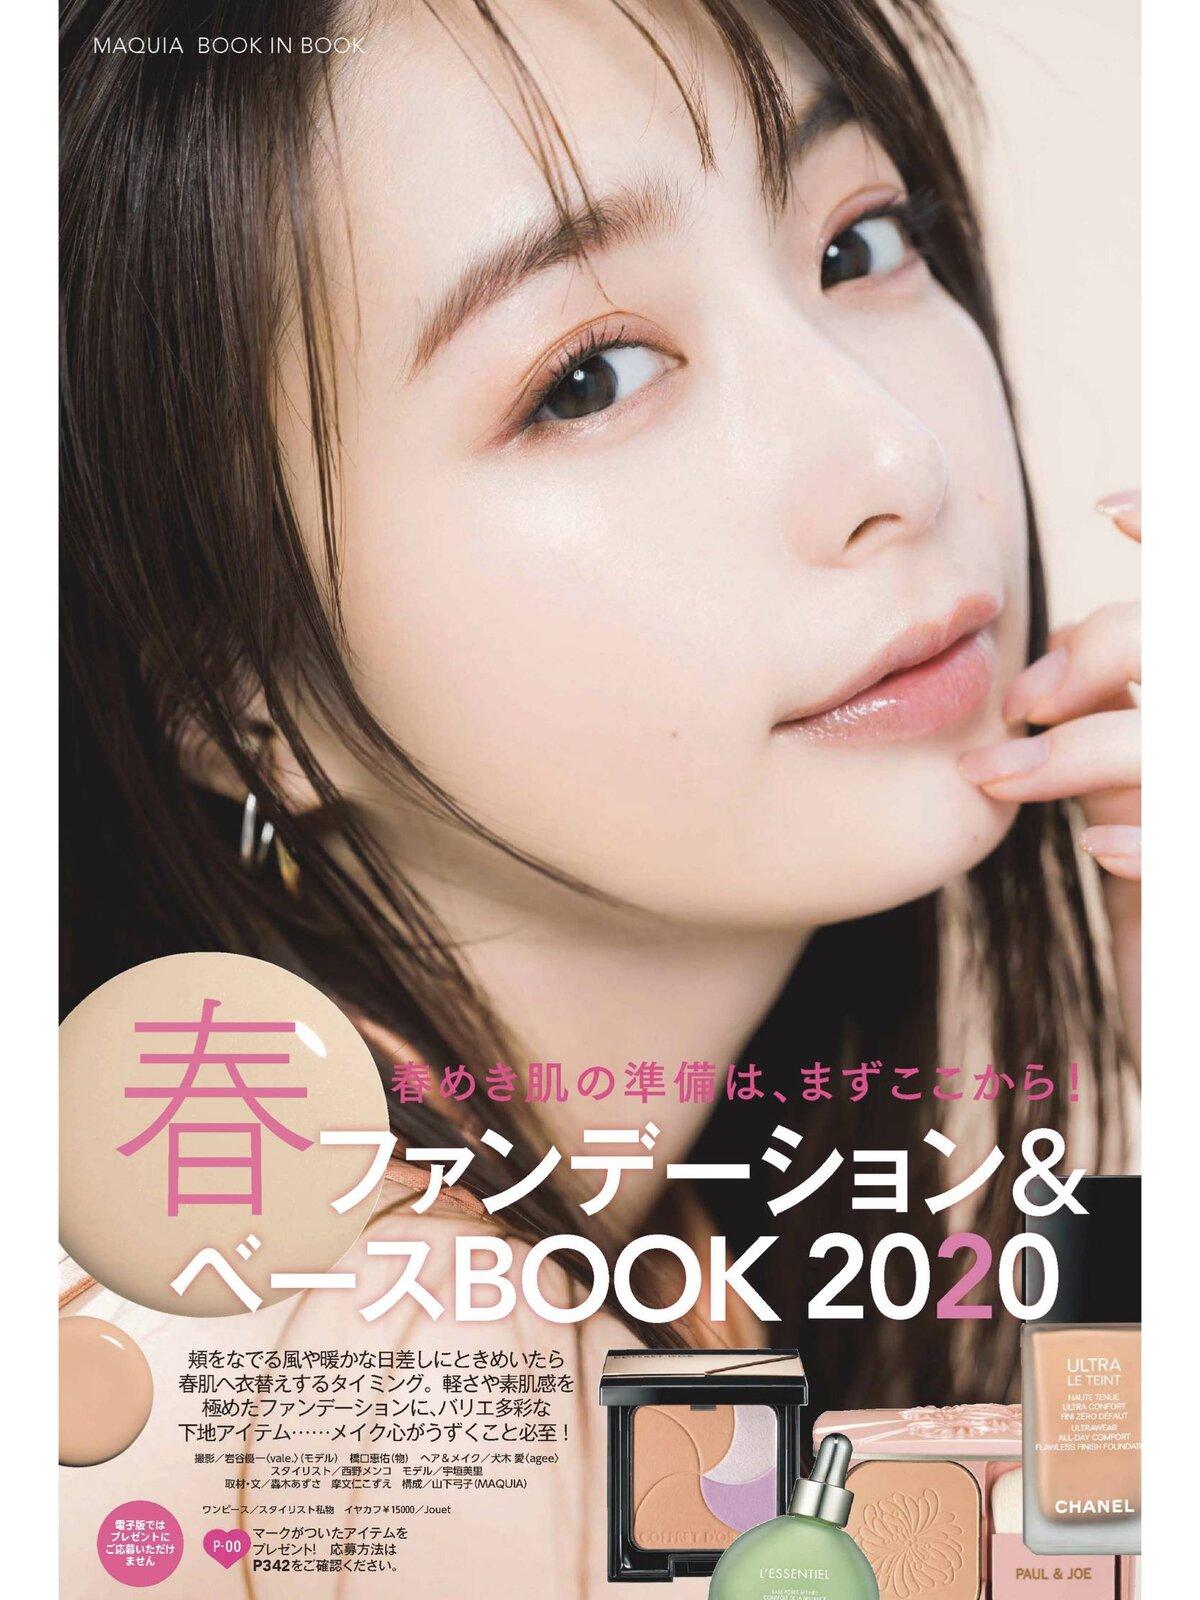 【画像】宇垣美里さん、やっぱり美人であることが判明してしまう